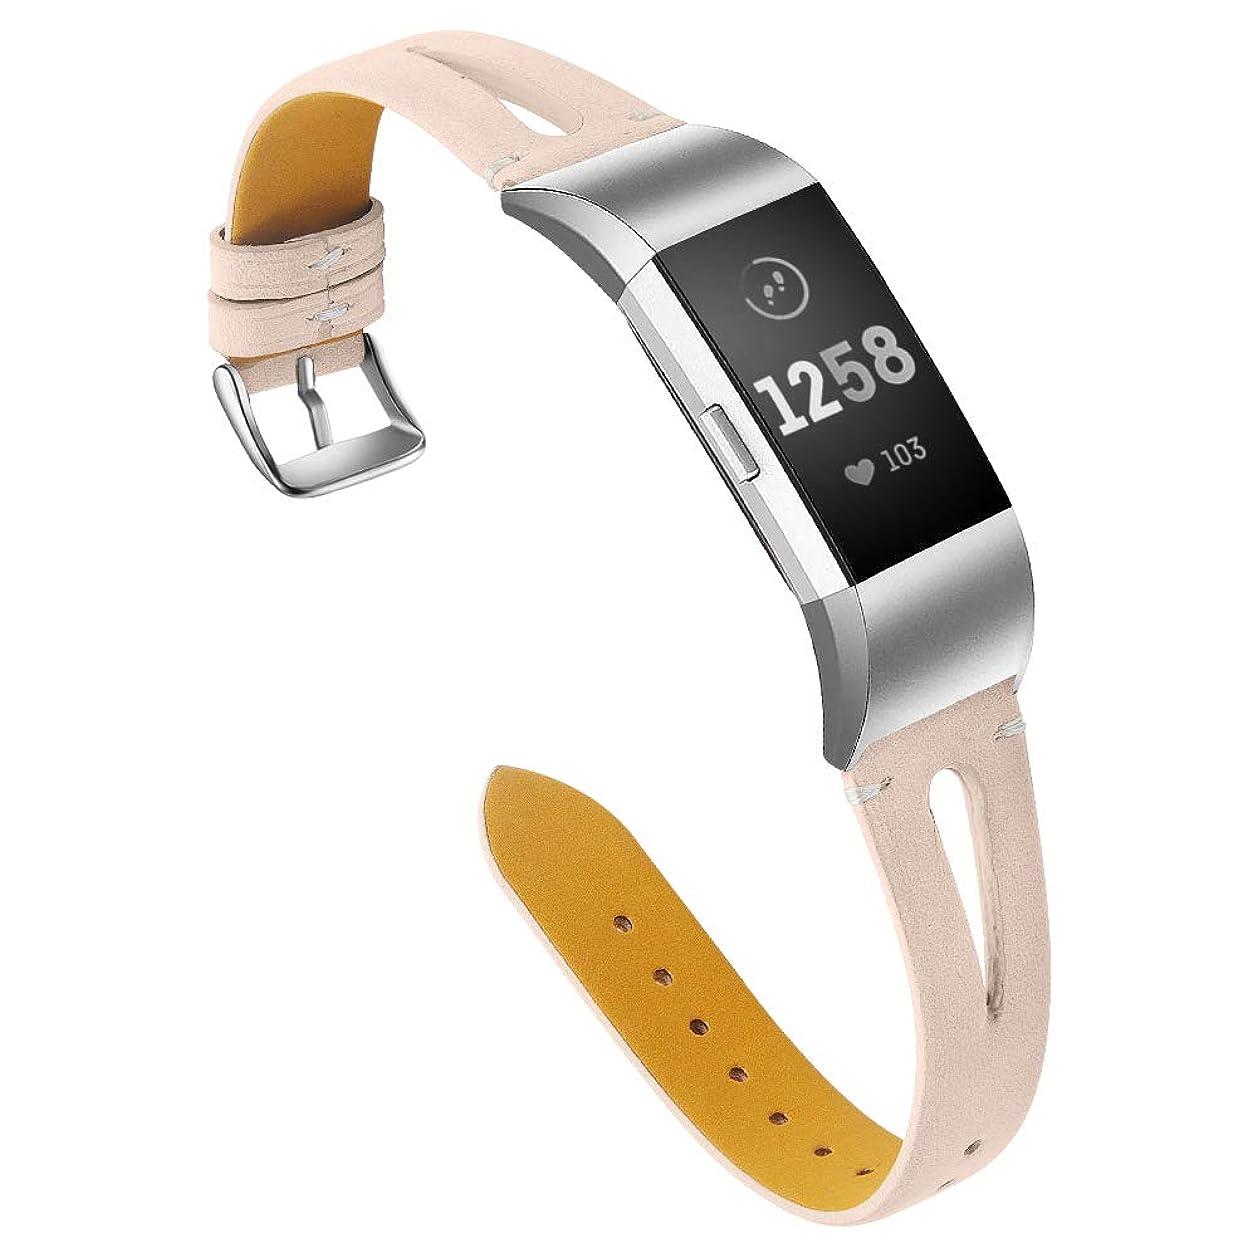 兄弟愛主張実験Turnwin Fitbit Charge 2に適応交換用革レザーバンド 透かし彫りリストバンド 腕時計ベルト 上質腕時計ベルト fitbit charge 2に専用替えるベルト 多色有り柔軟快適 個性 ファション- (スクラブ杏色)